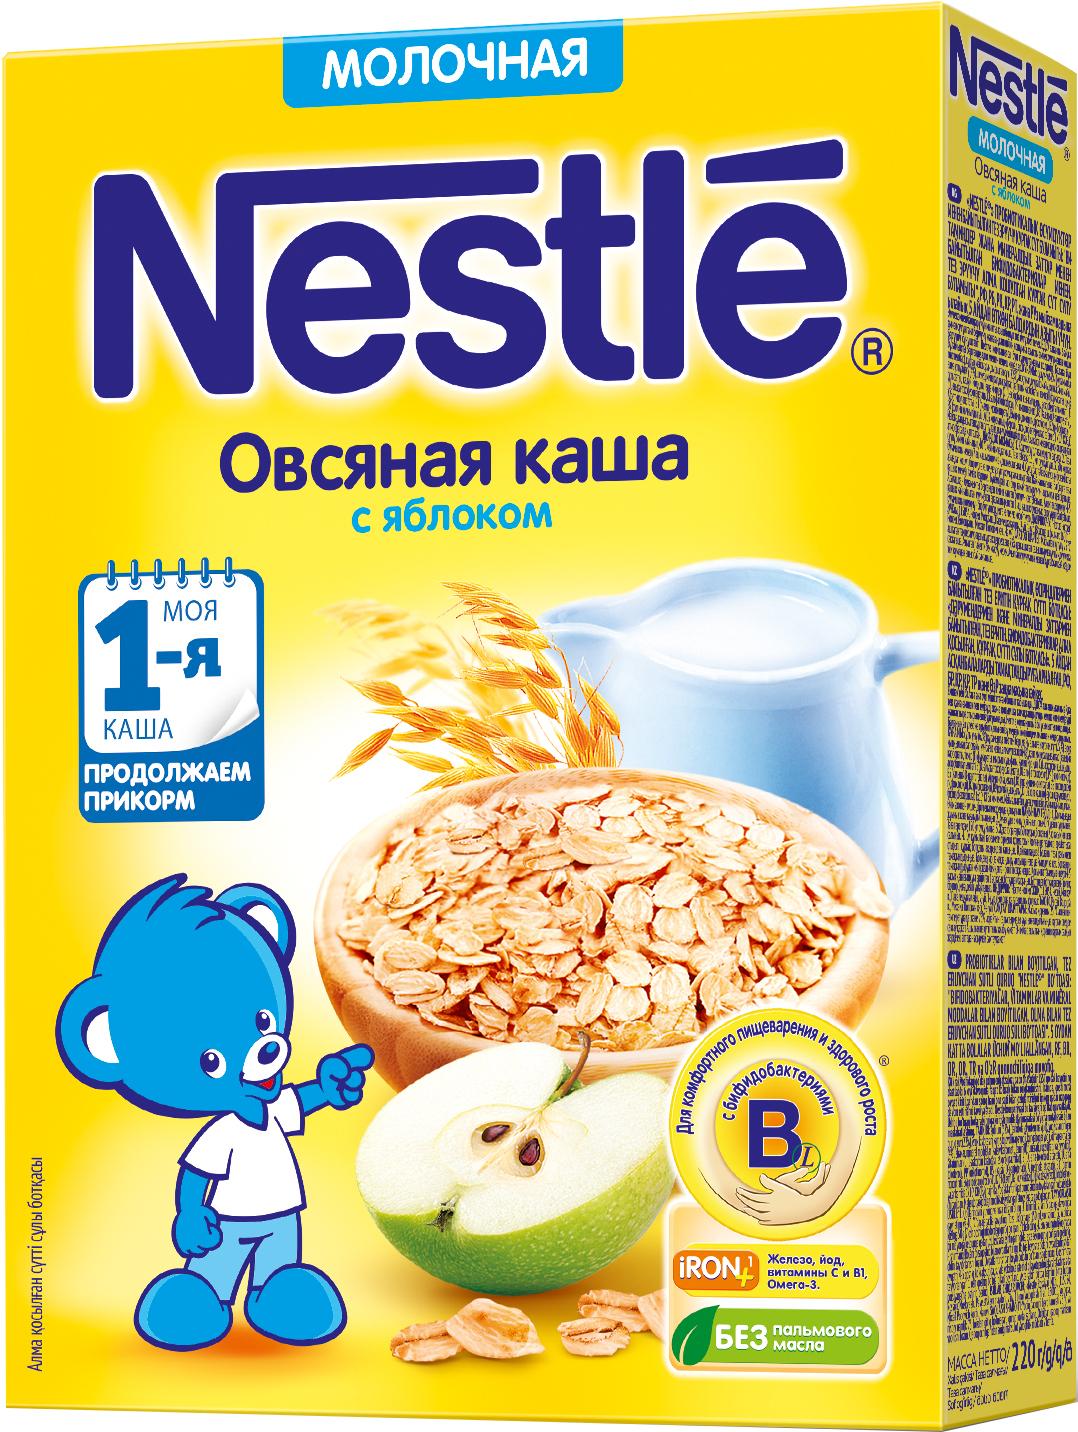 Каша Nestle Nestlé Молочная овсяная с яблоком (с 5 месяцев) 220 г